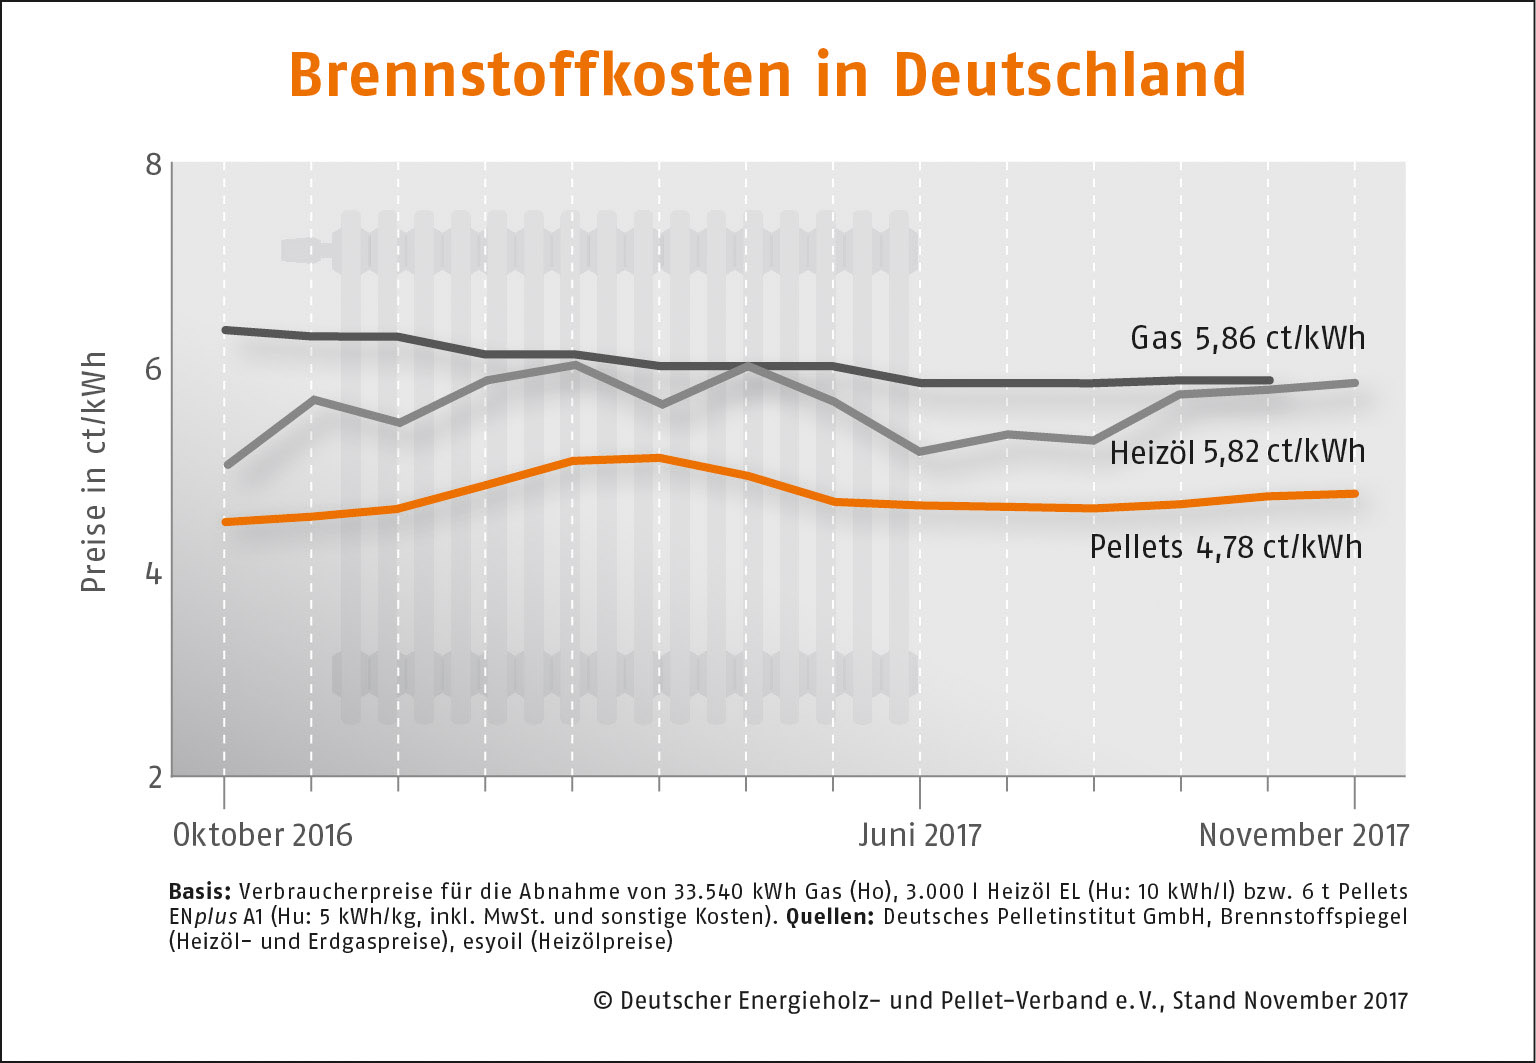 Brennstoffkosten Deutschland November 2017